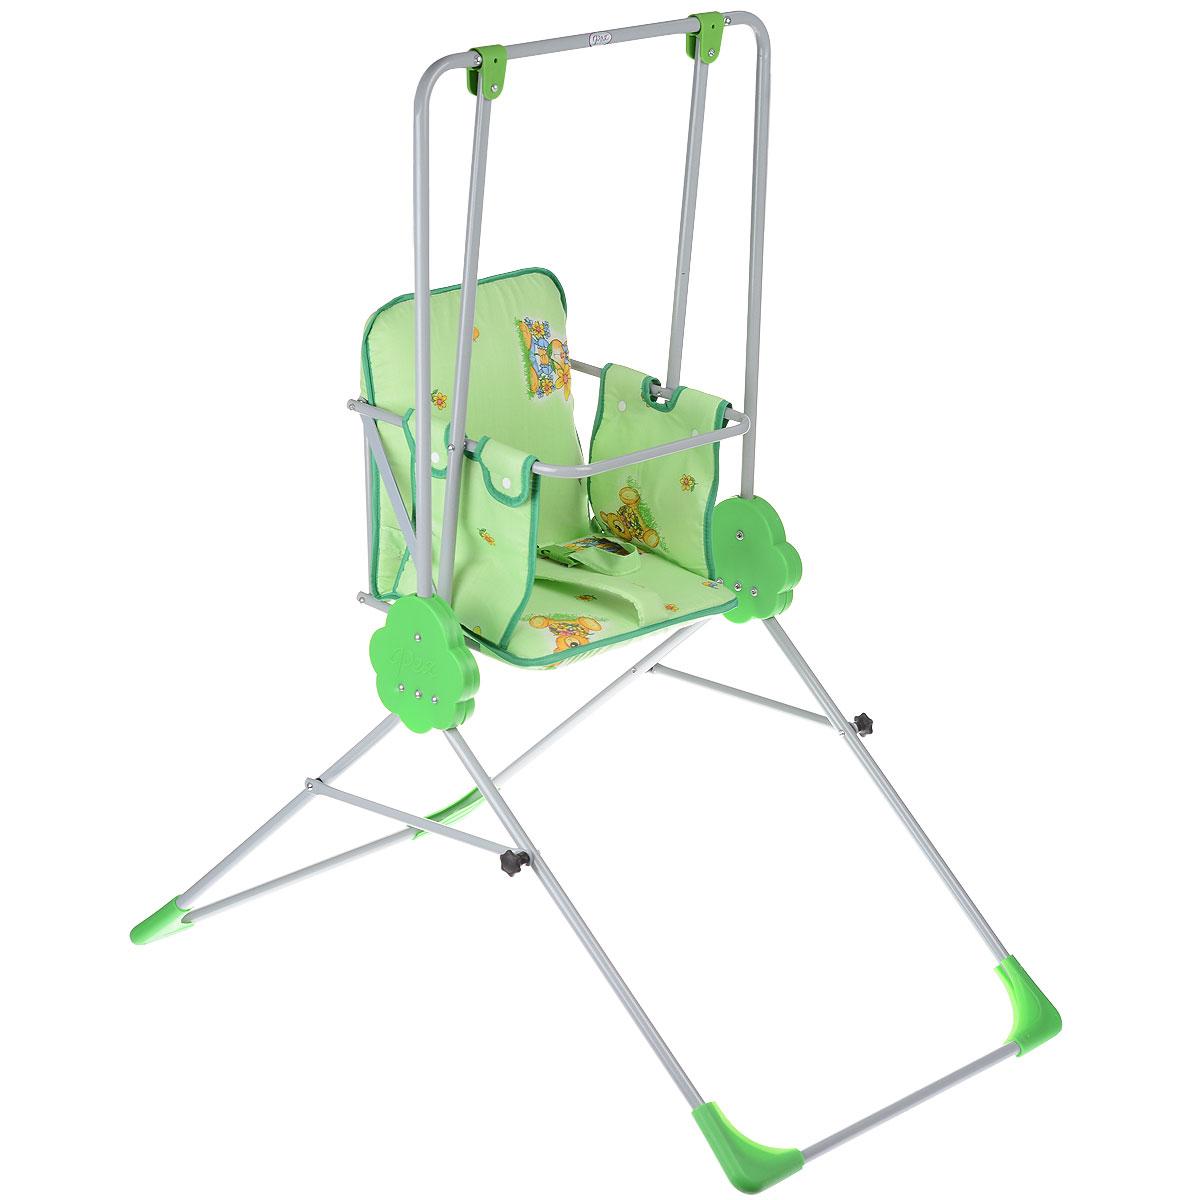 Качели детские Фея Малыш, цвет: зеленый4239-10Детские качели Фея Малыш предназначены для развлечения и развития вестибулярного аппарата малышей. Качели представляют собой прочный металлический каркас с мягкими насадками, который очень просто складывается и раскладывается. Сидение очень комфортное и мягкое, с яркими рисунками, также оно снабжено ремнем безопасности и съемным чехлом. Предельно допустимая нагрузка составляет 15 кг. В сложенном состоянии качели очень компактны и занимают мало места, поэтому их можно брать с собой на дачу.